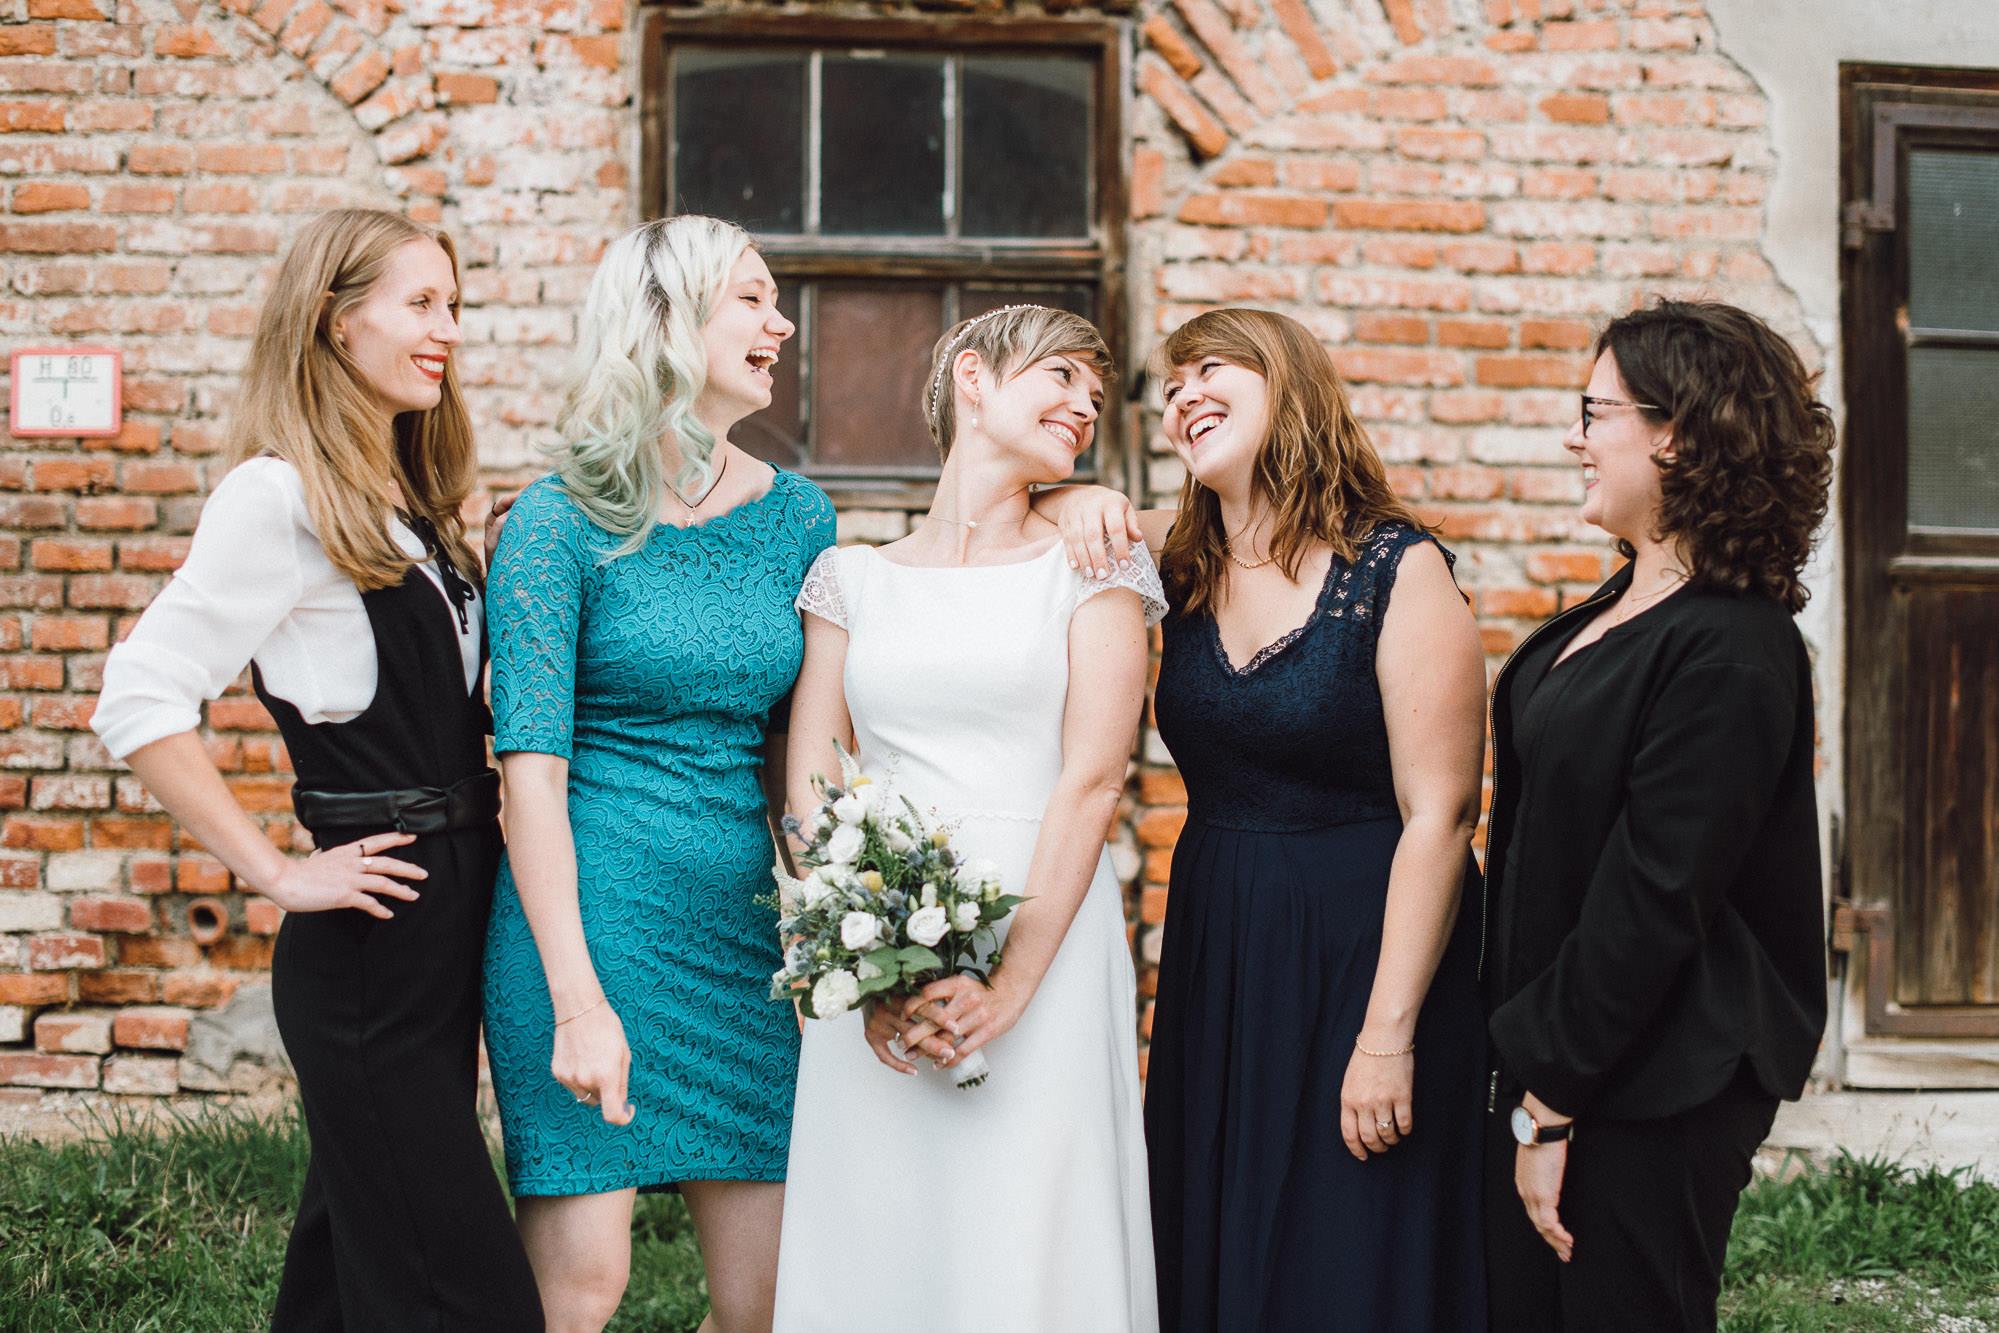 greenery-wedding-hochzeit-prielhof-sukkulenten-scheyern-lauraelenaphotography-075